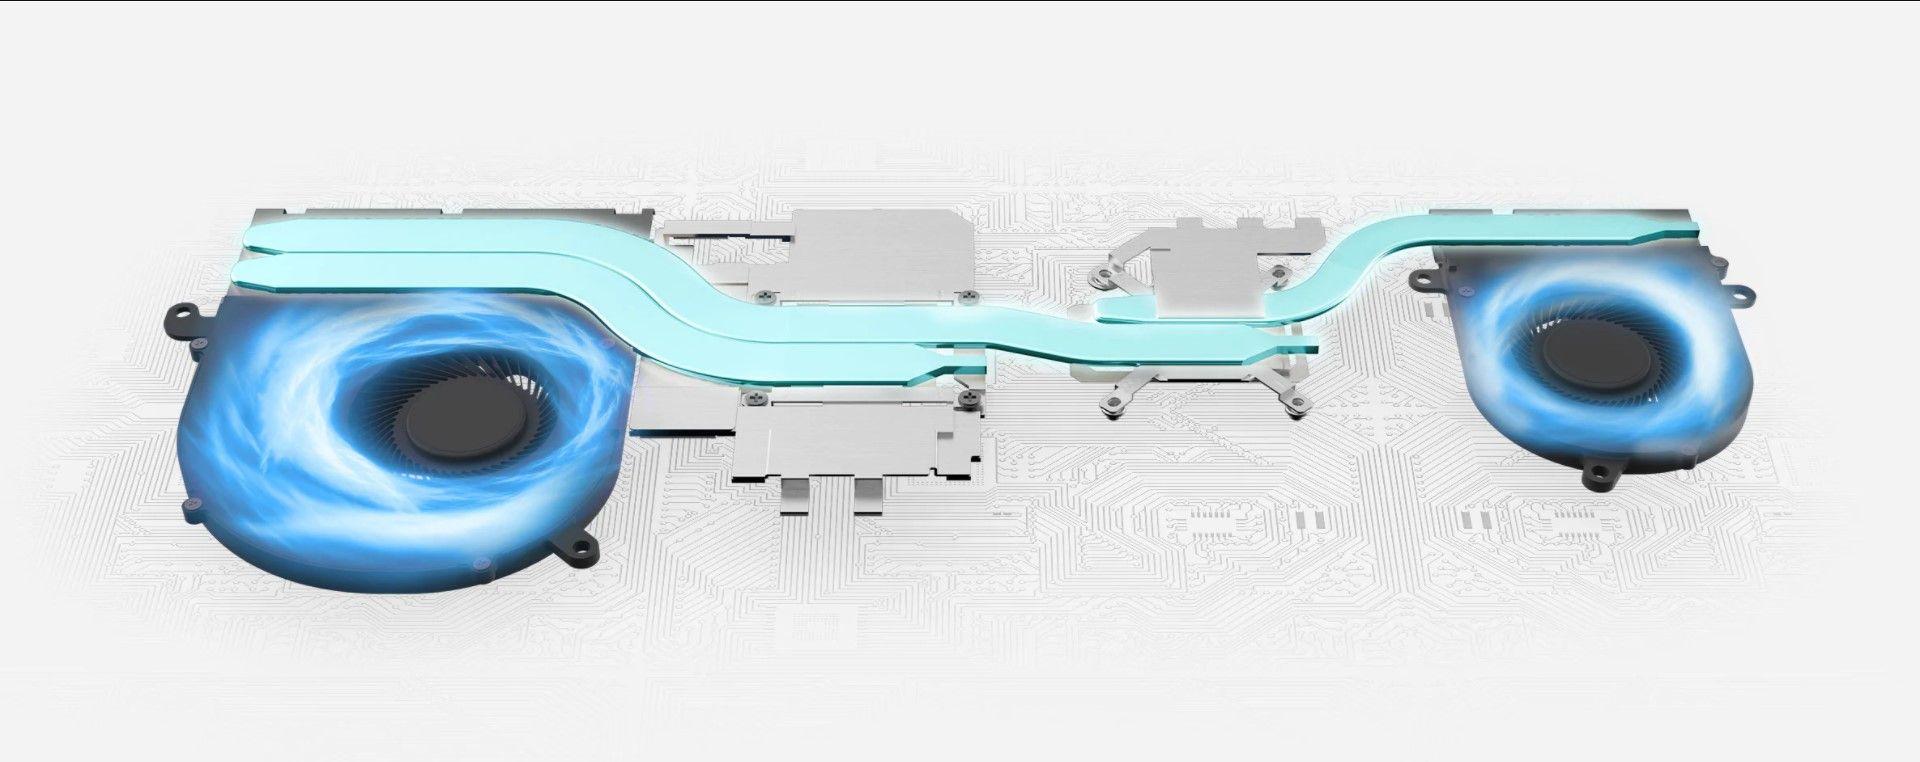 Nhiệt độ máy luôn thấp với công nghệ tản nhiệt Cooler Boost 3